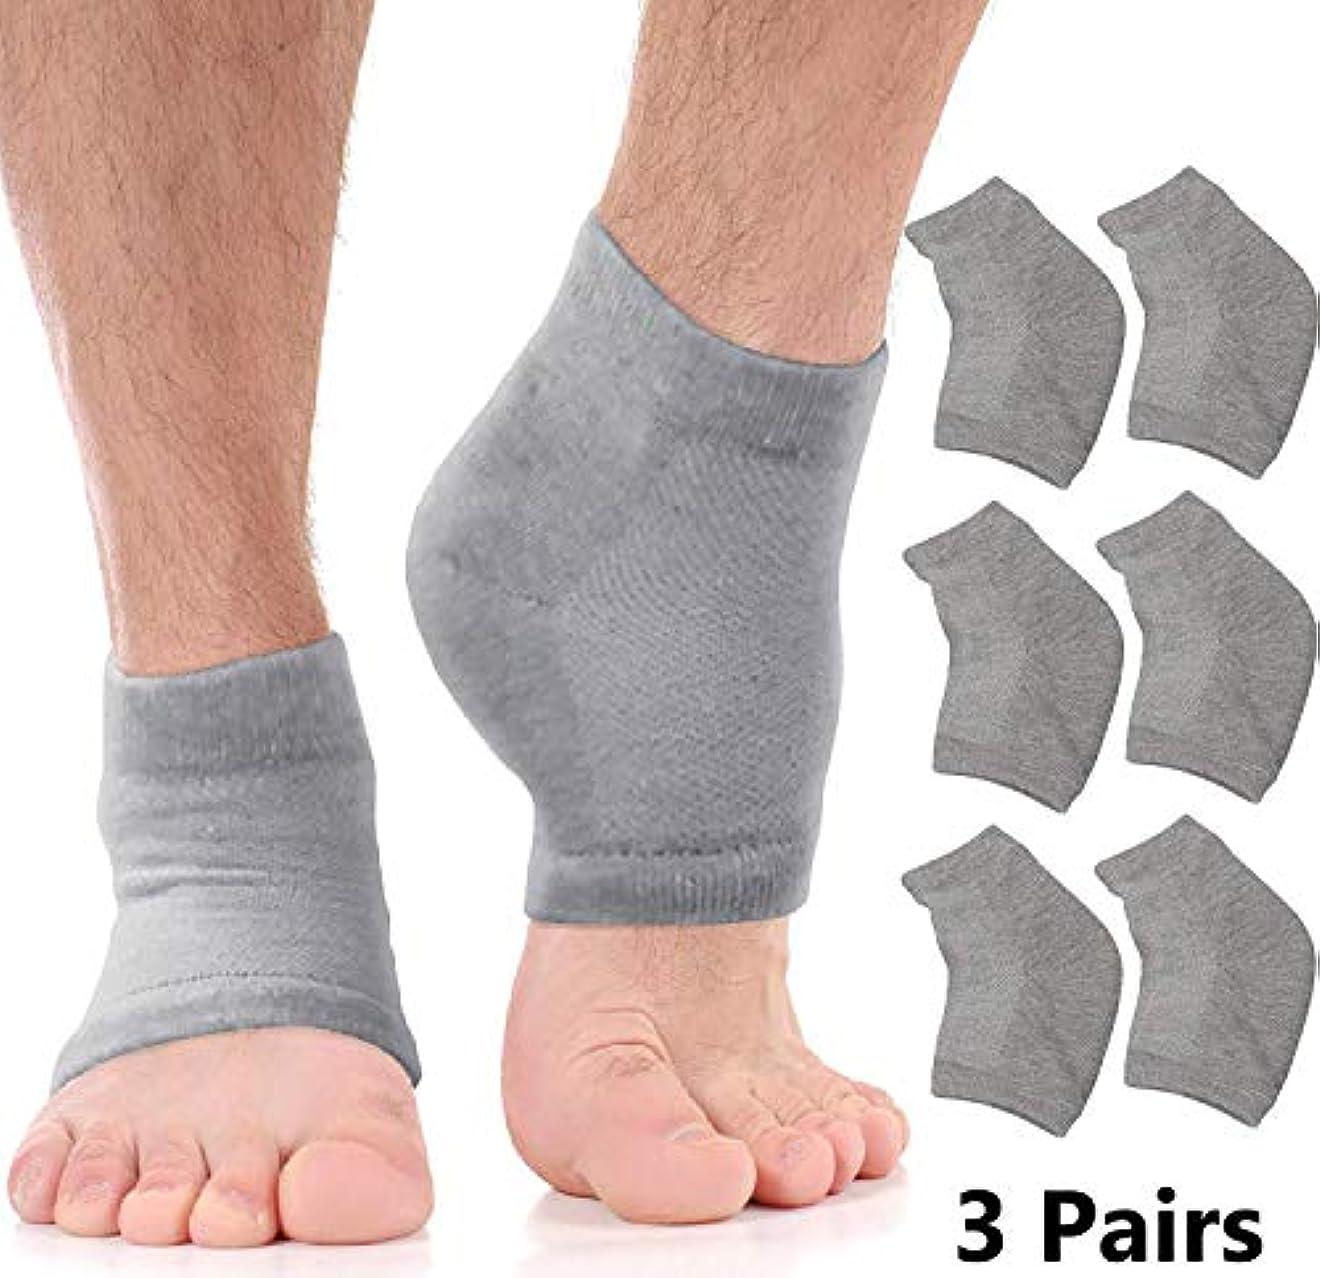 植物学収容する一族モイスチャライジングソックスクラックトヒールトリートメント-乾燥した足とかかとを素早く扱います。 アロエモイスチャライザーローションを注入したジェルヒールソックスで、ひび割れた足の皮膚の痛みを和らげます。 女性と男性の両方...